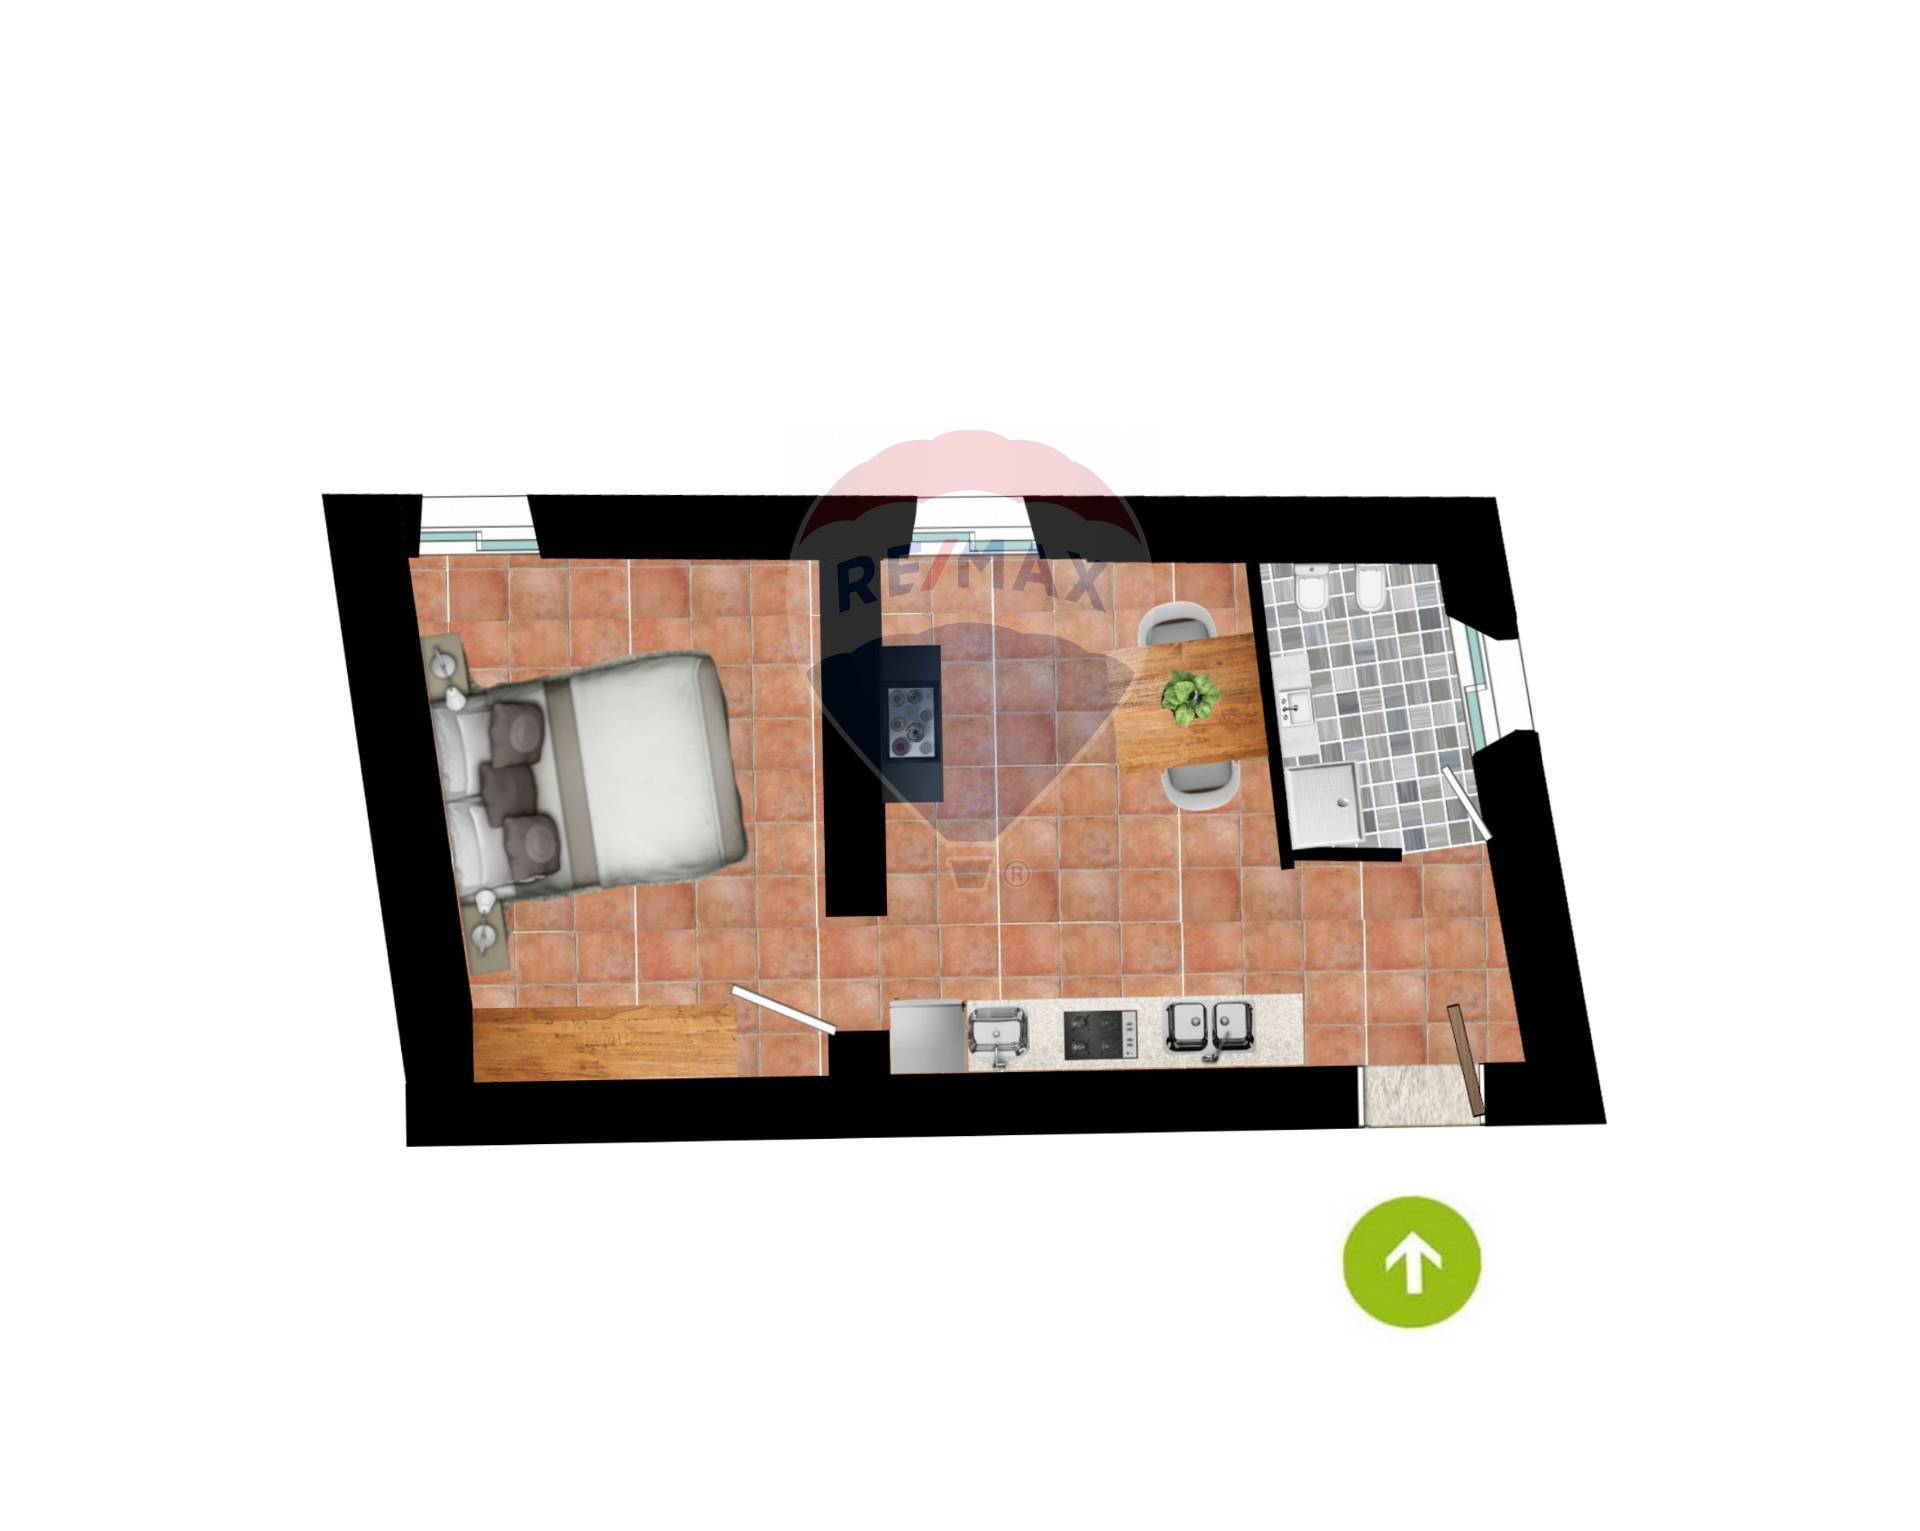 Appartamento in vendita a San Vito Romano, 2 locali, prezzo € 30.000 | CambioCasa.it